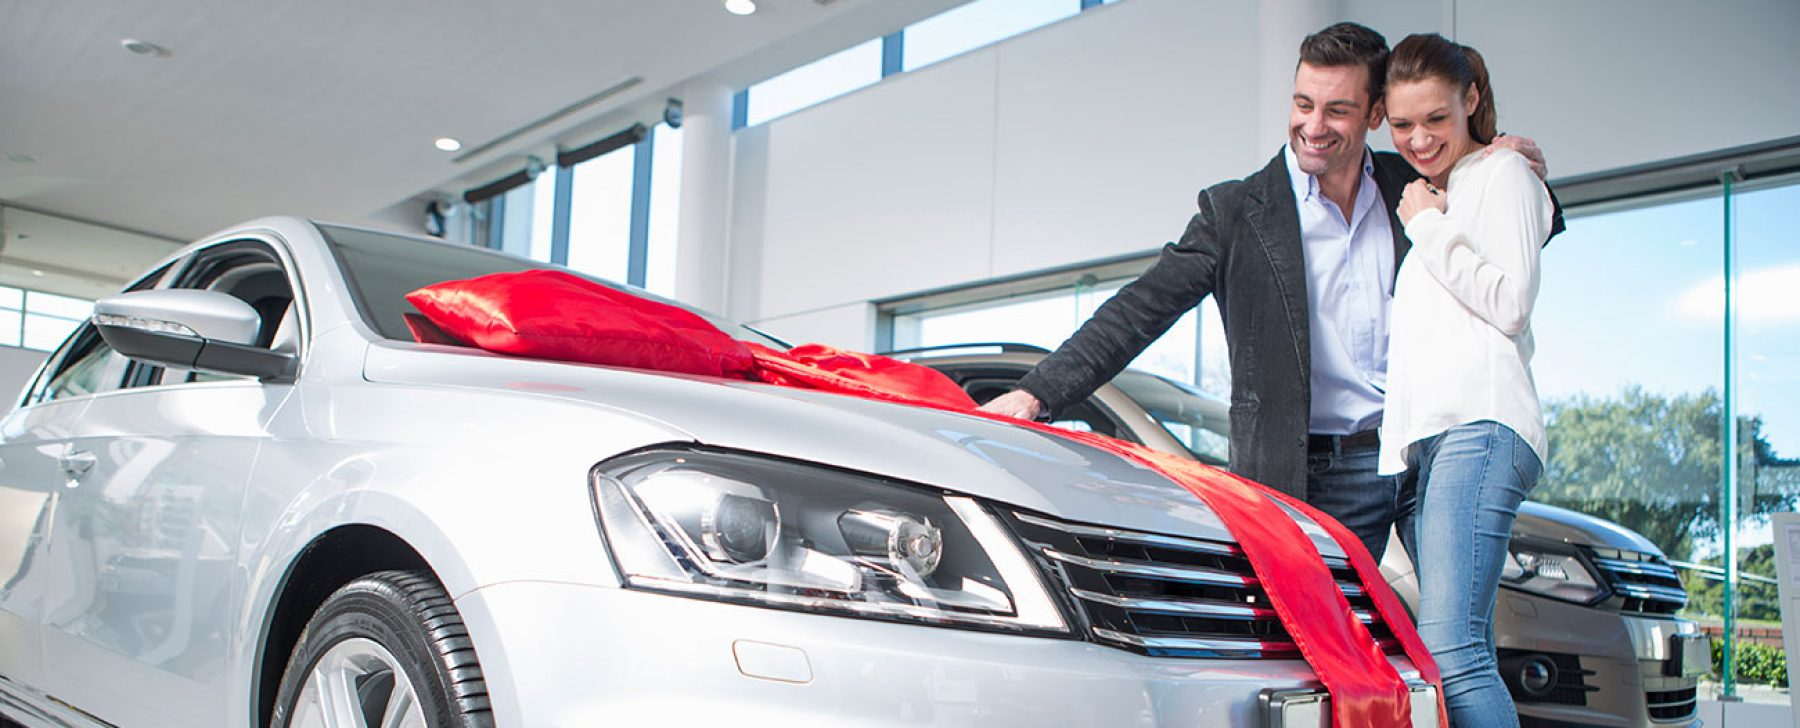 4 consejos para comprar un coche nuevo